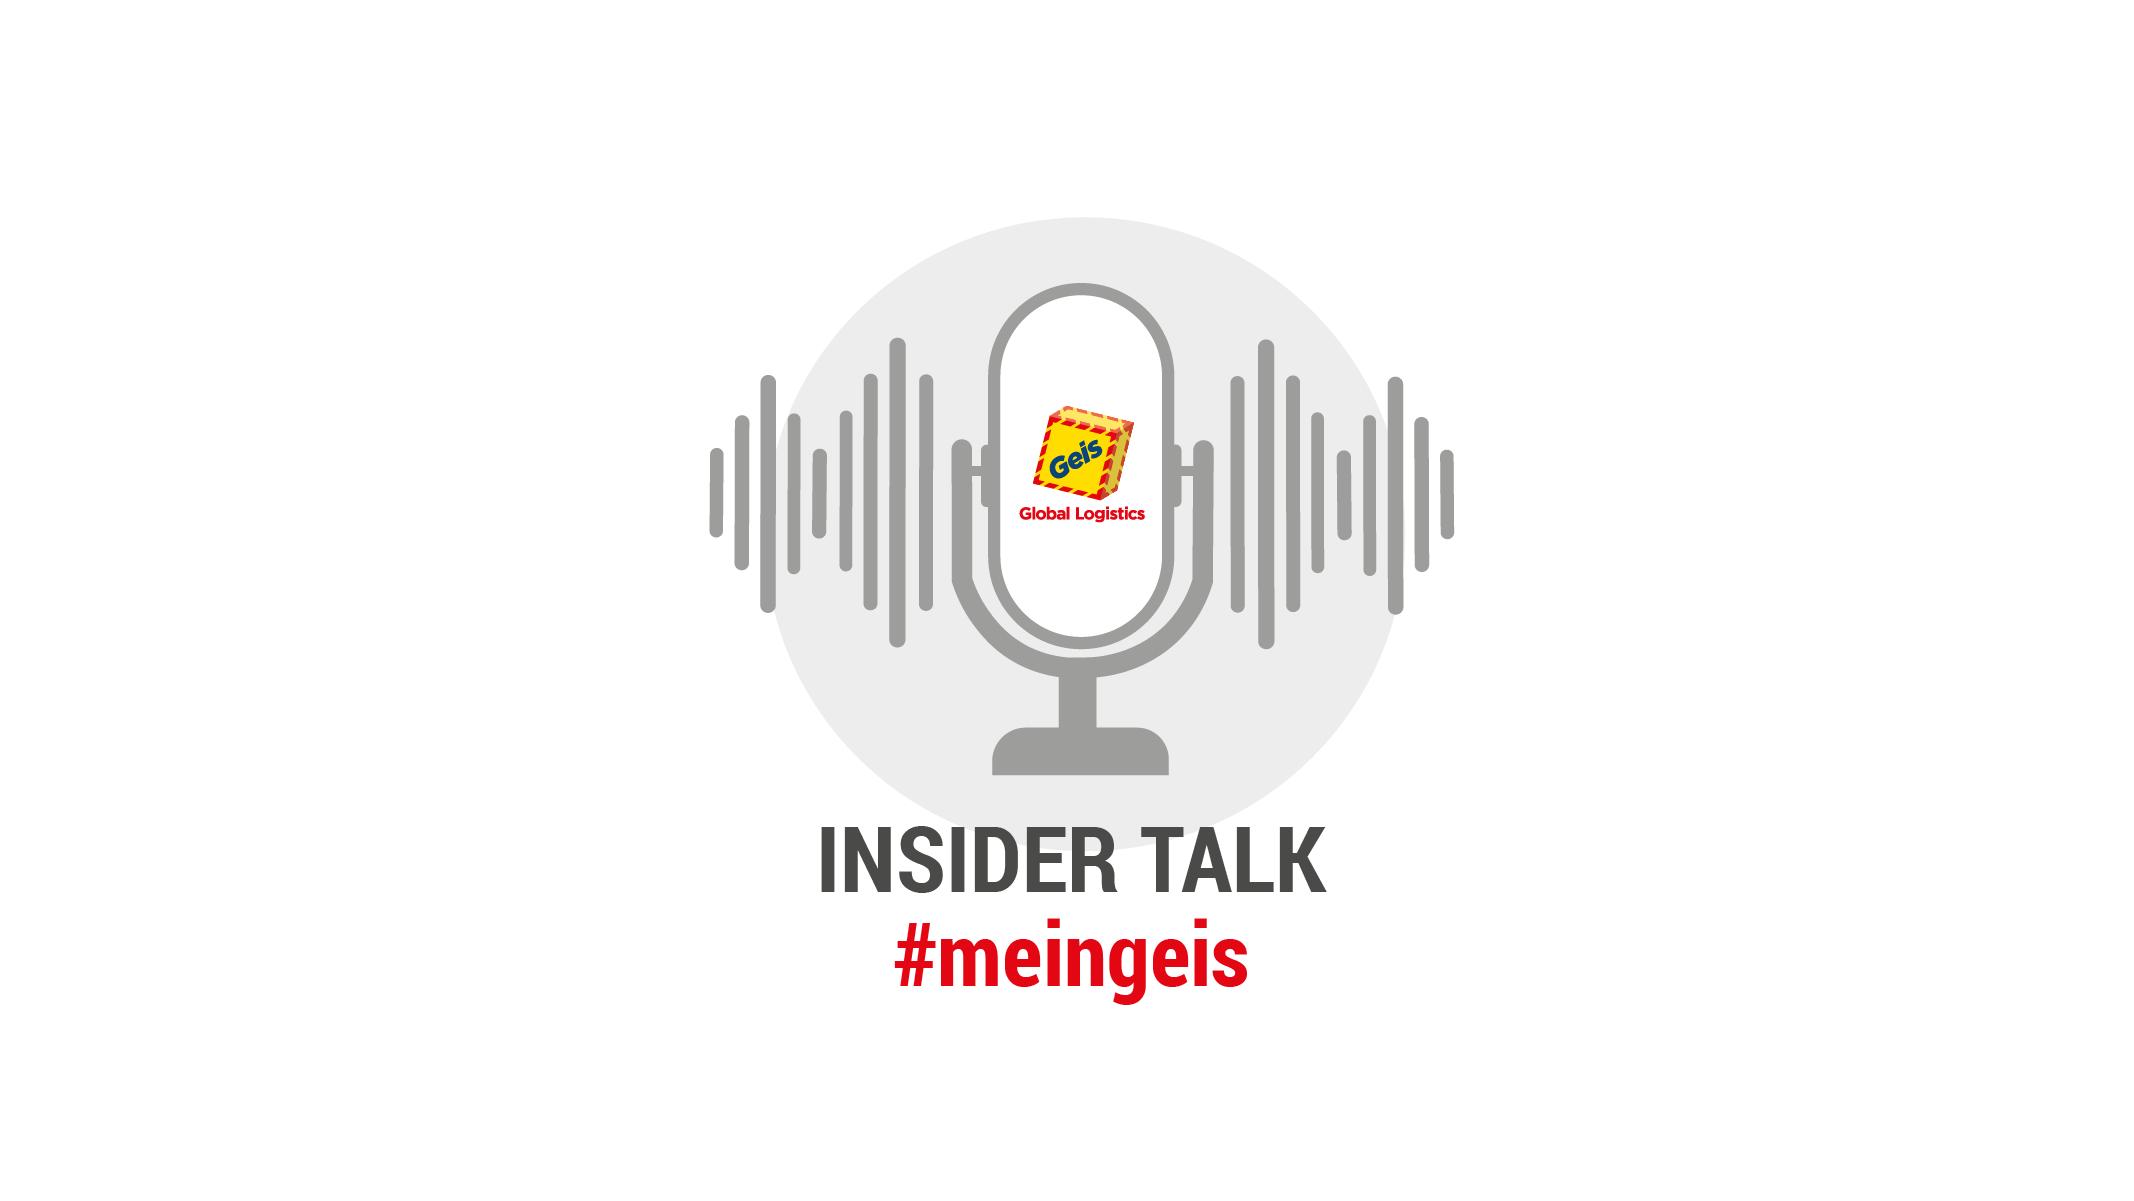 #meingeis – Insider Talk